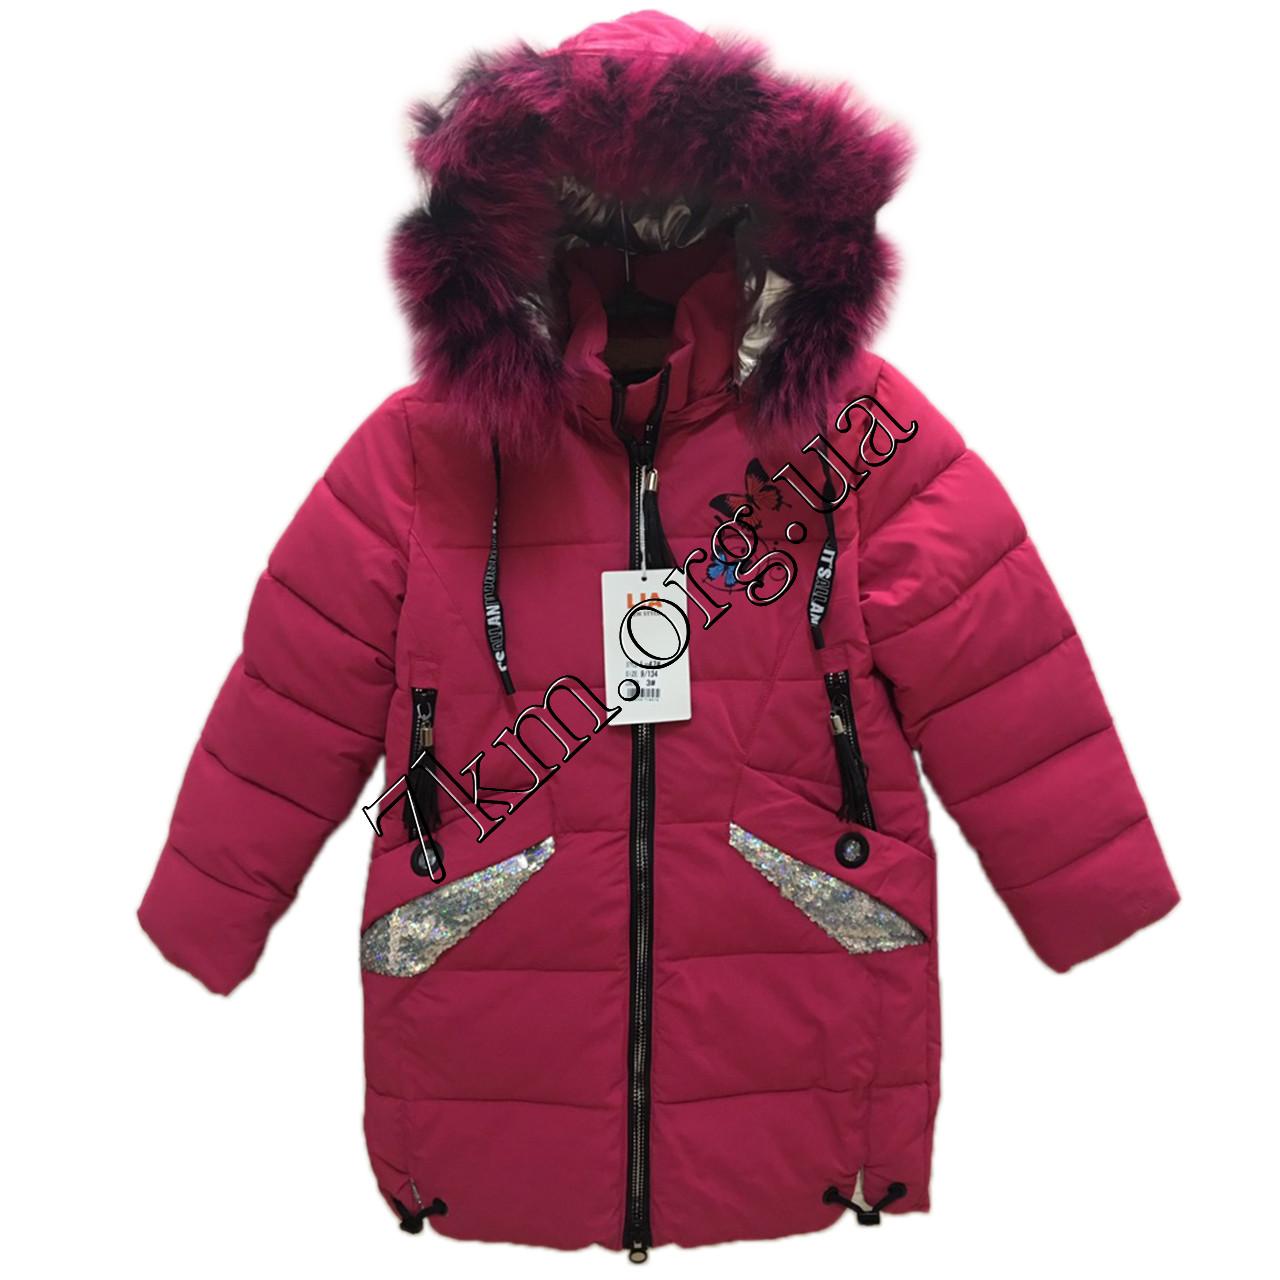 Куртка подростковая для девочек 122-146 см. Украина Оптом 261102